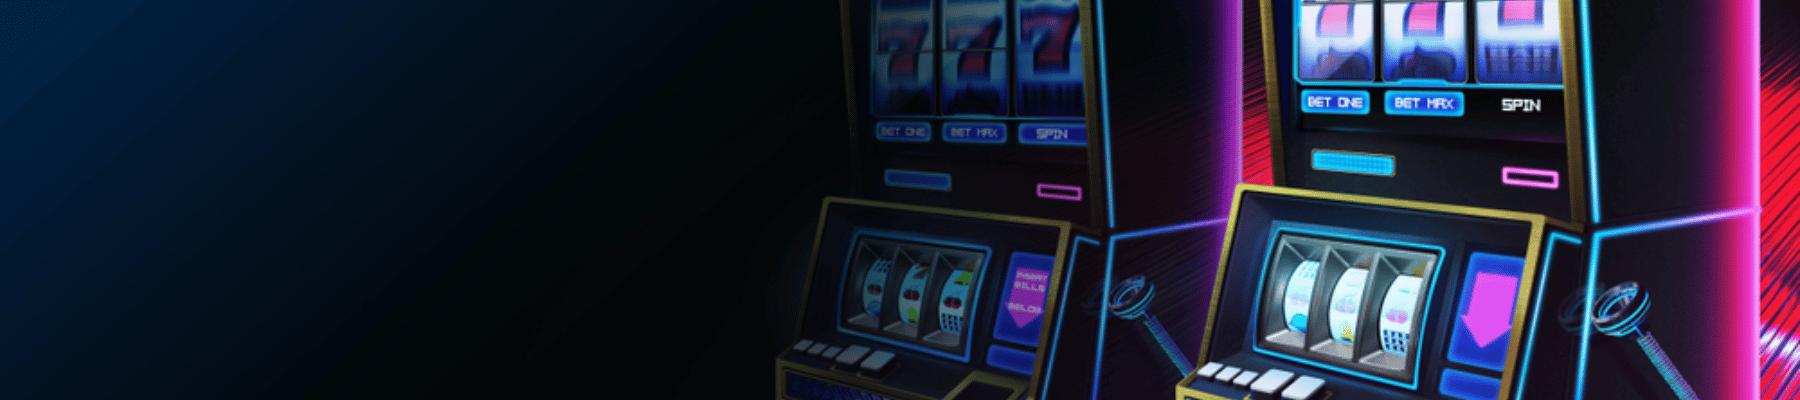 Slotsmachines